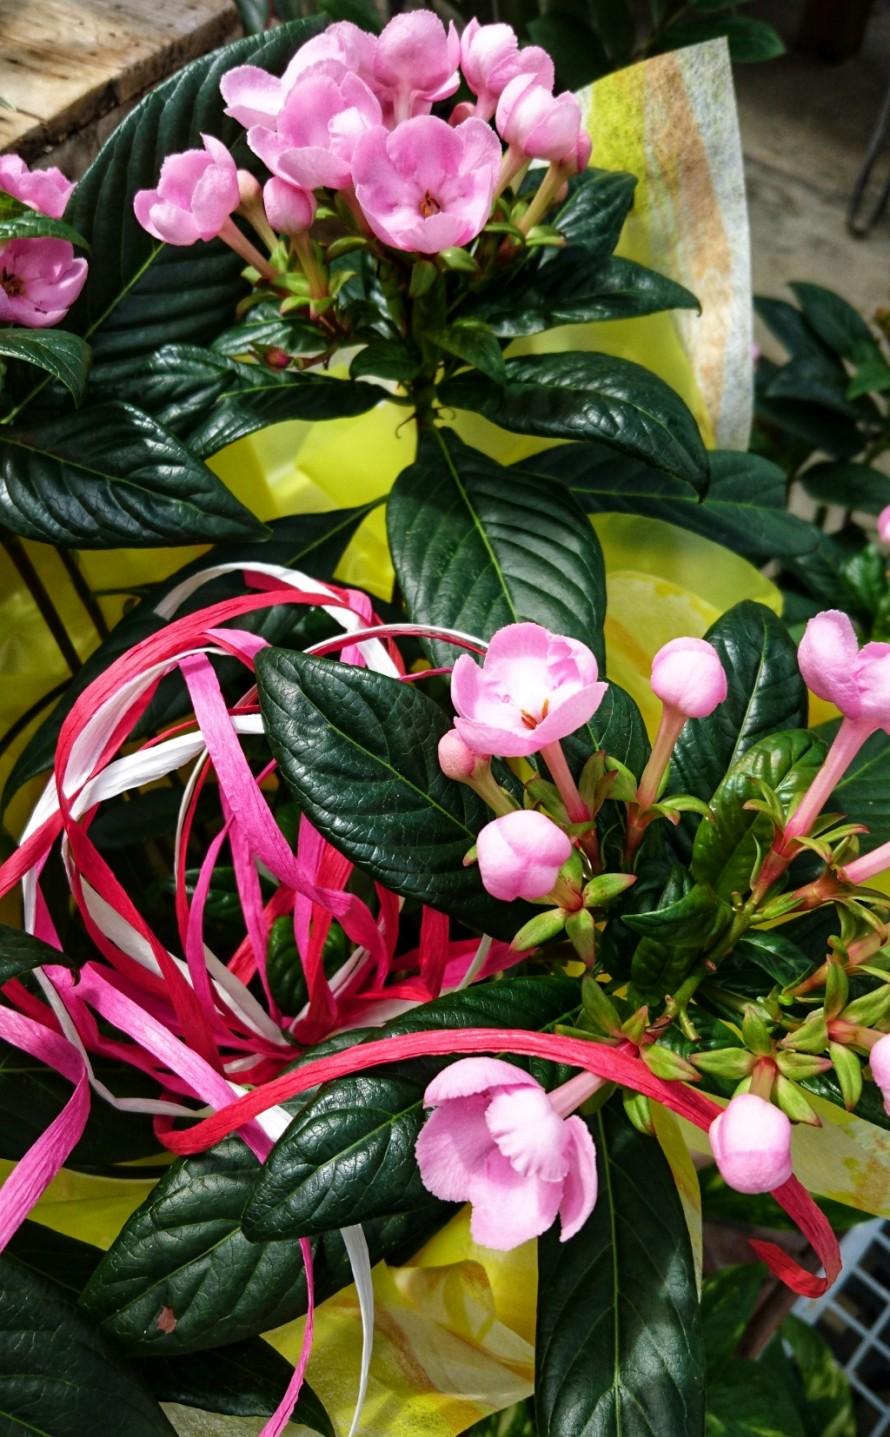 飯田市でお庭の事なら何でもお気軽にご相談。ニオイザクラ。ルクリア。いい香り。